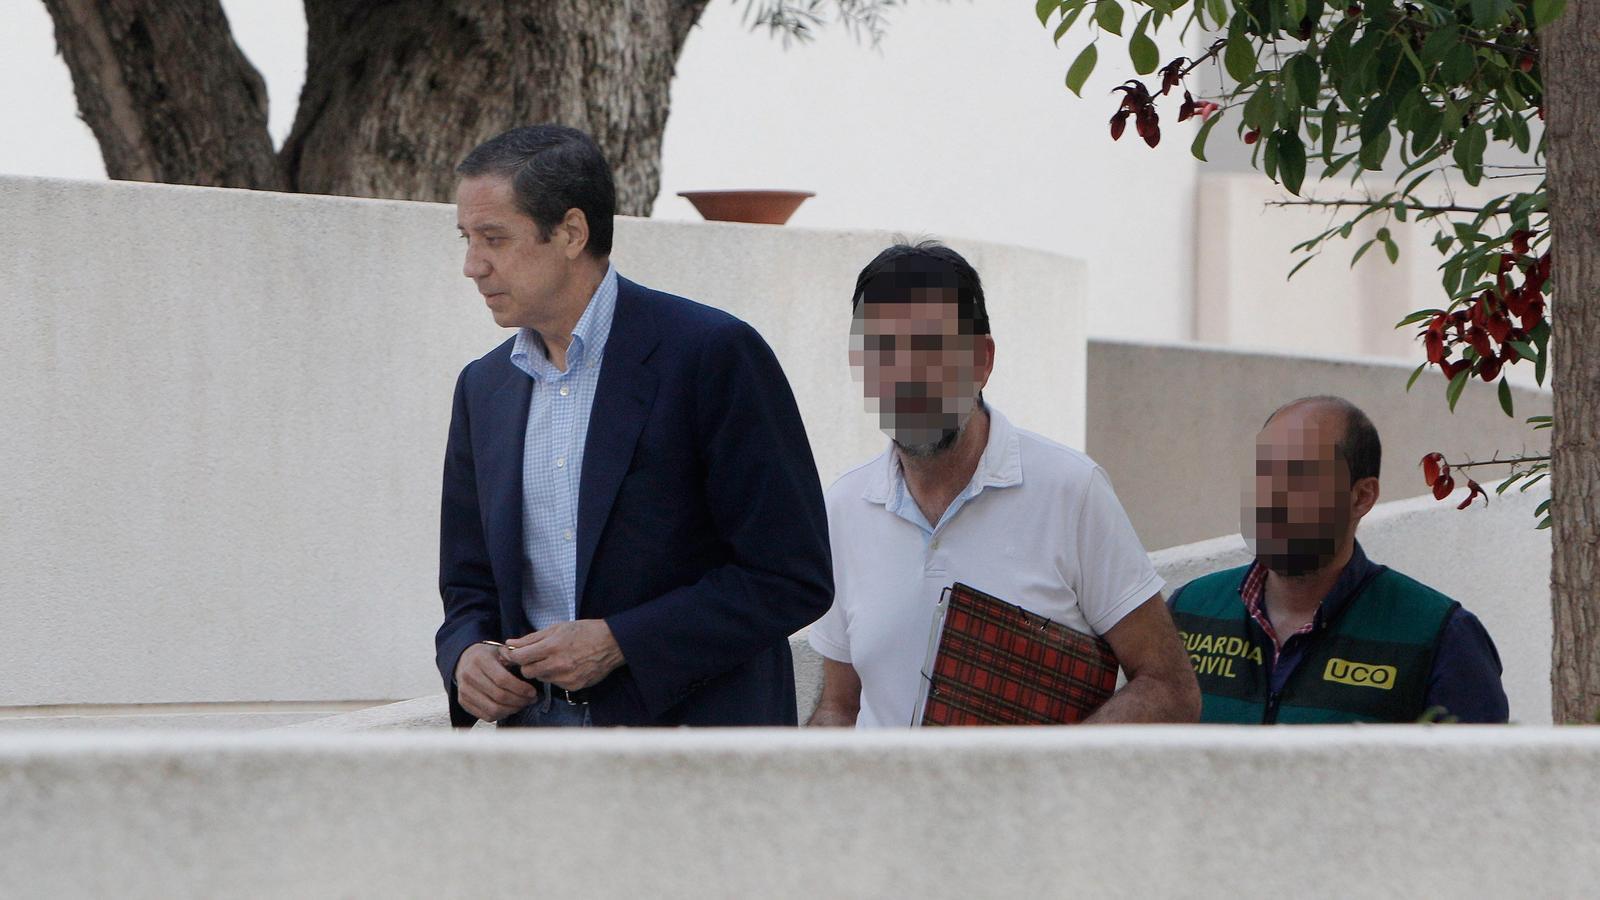 La Guàrdia Civil eleva les comissions aconseguides per Eduardo Zaplana fins els 12,8 milions